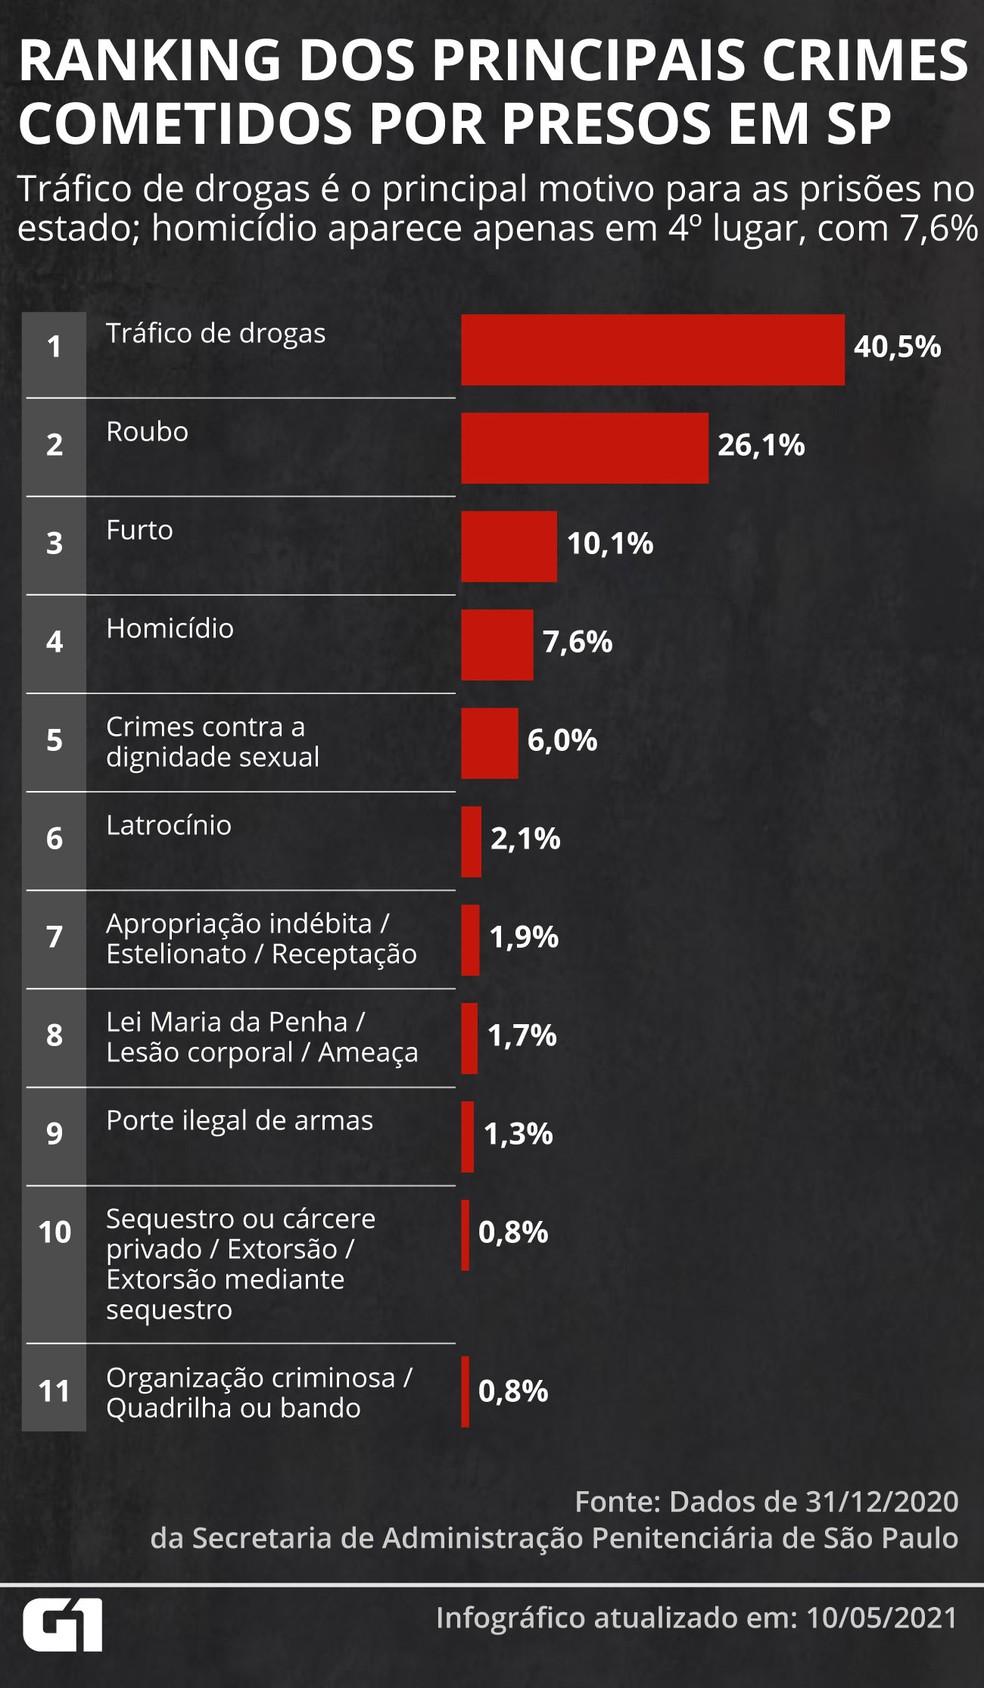 Ranking dos principais crimes cometidos por presos no estado de São Paulo — Foto: Élcio Horiuchi/G1